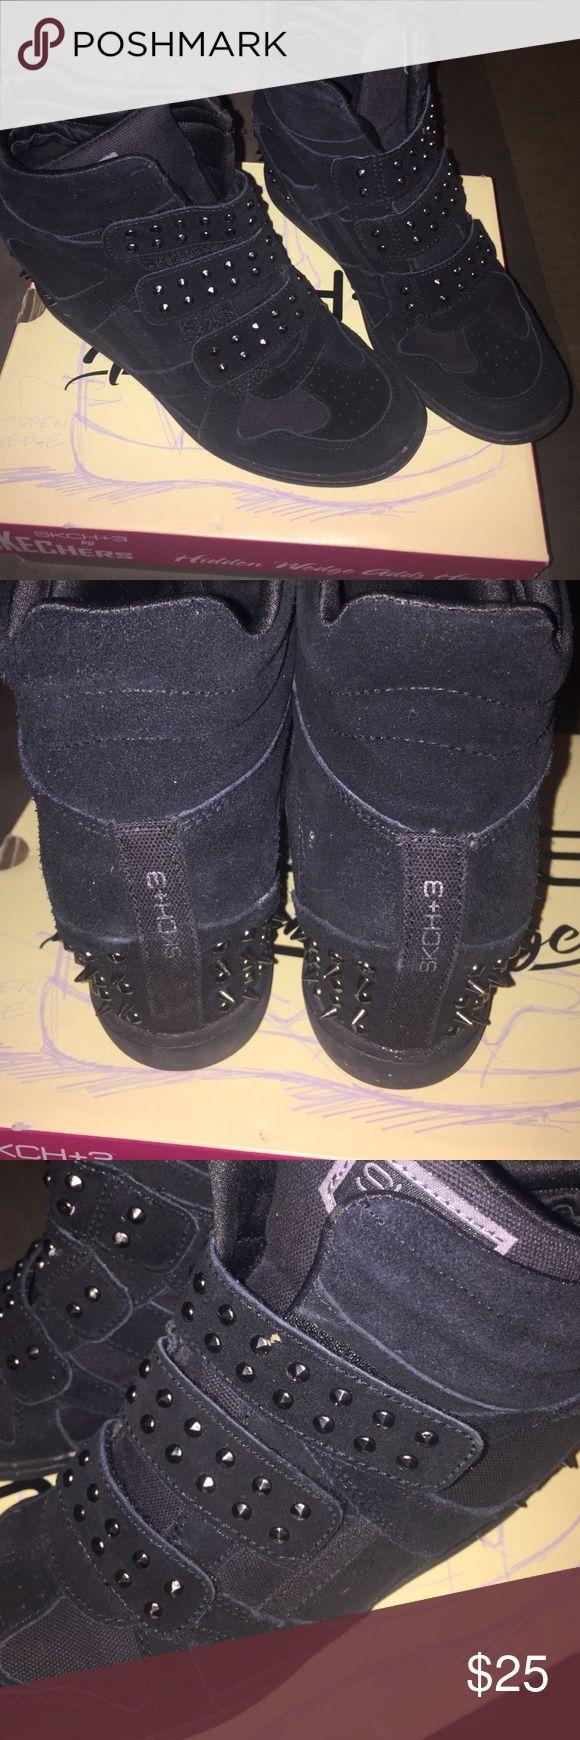 Skechers Hidden Wedge Sneakers Sz 8 Black Hidden Wedge Sneakers, by Skechers, size 8! Skechers Shoes Sneakers